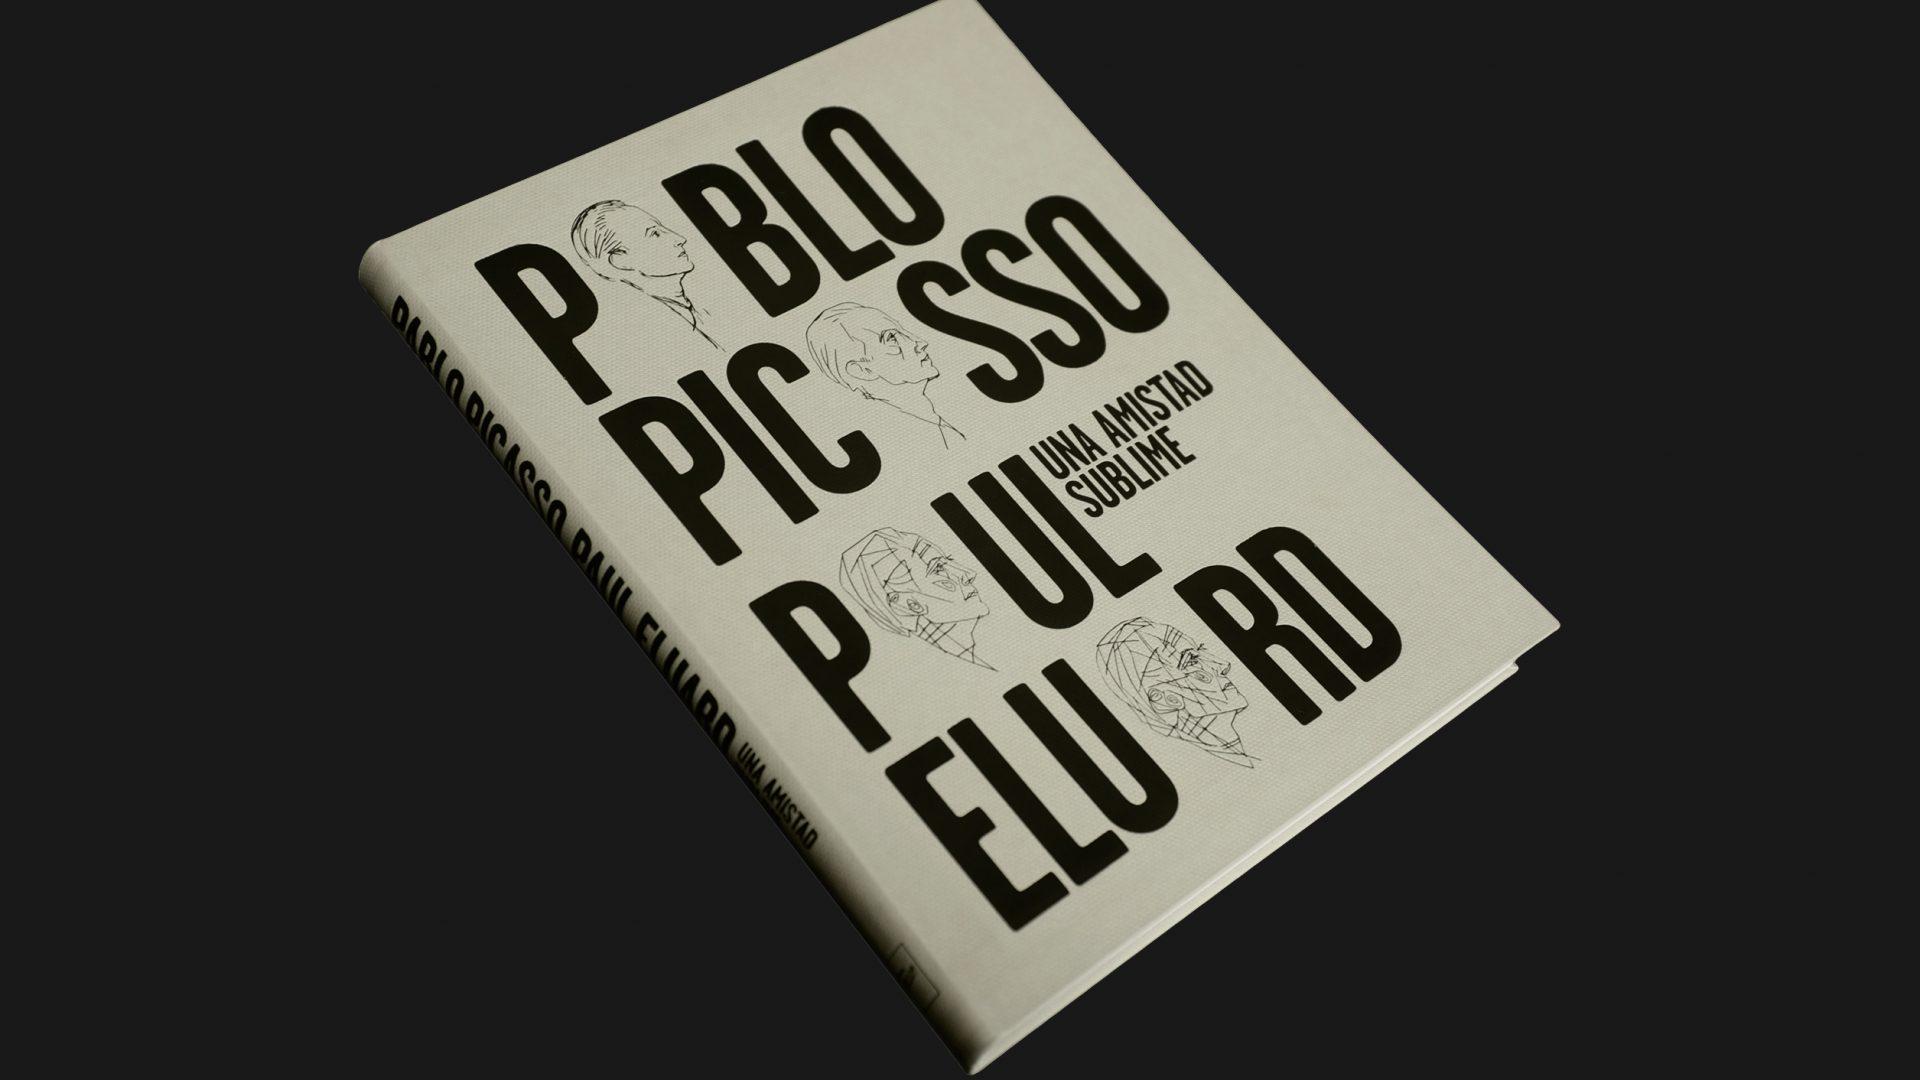 Picasso y Eluard. Fedrigoni y la edición.